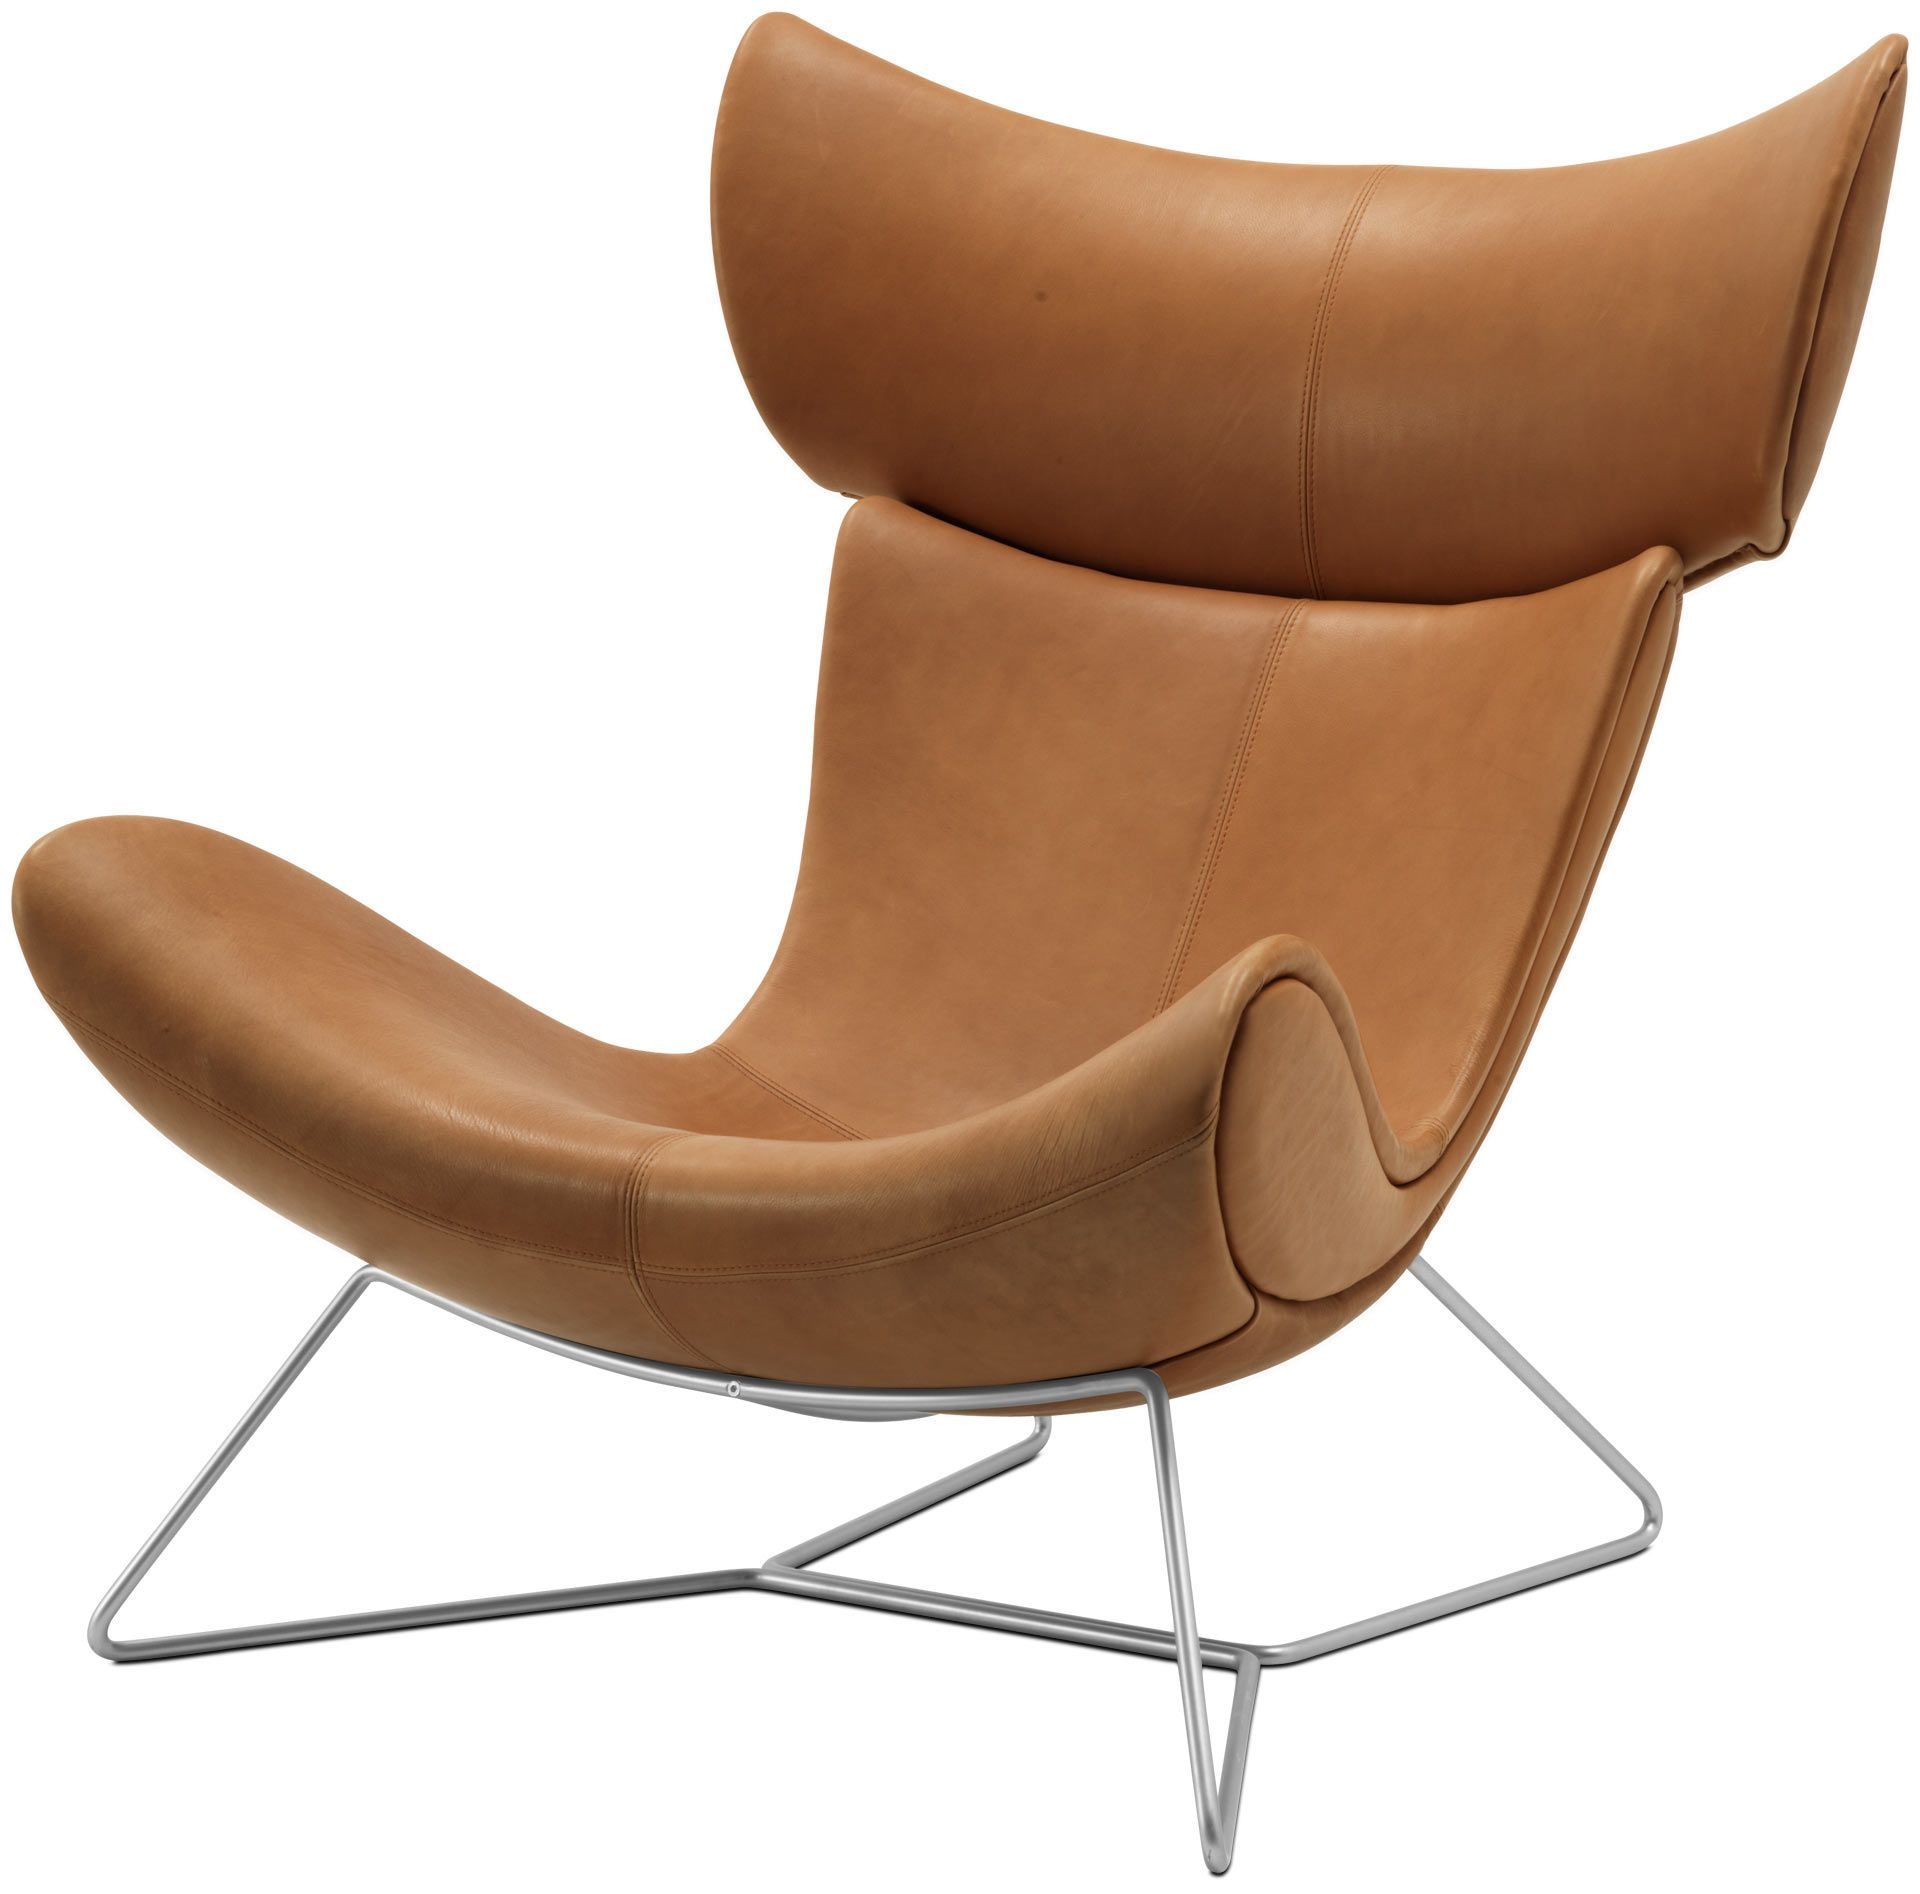 designer sessel f r ihr wohnzimmer qualit t von boconcept das neue wohnzimmer pinterest. Black Bedroom Furniture Sets. Home Design Ideas